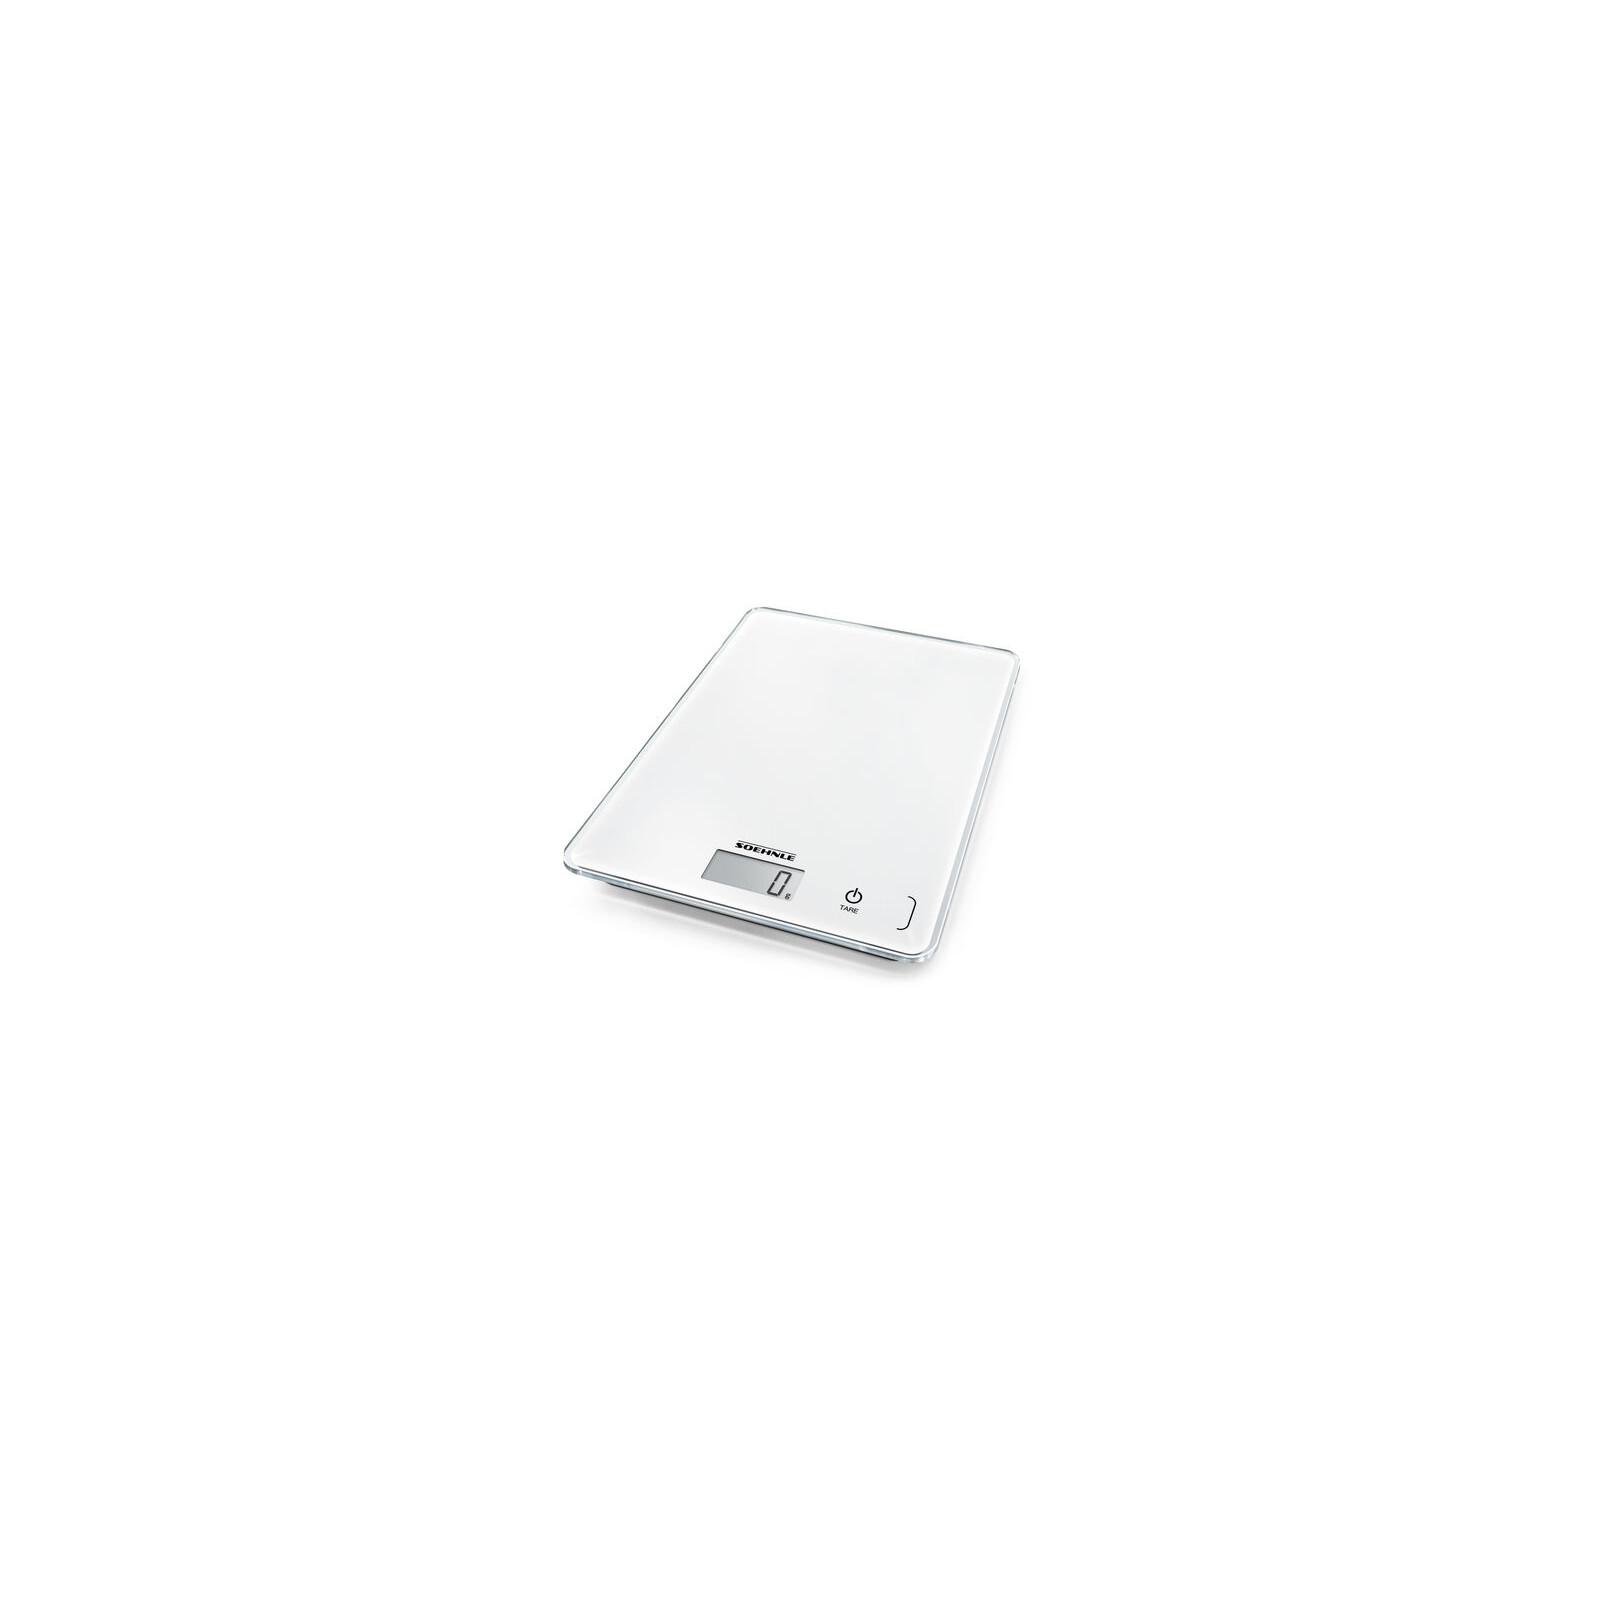 Soehnle KWD Page Compact 300